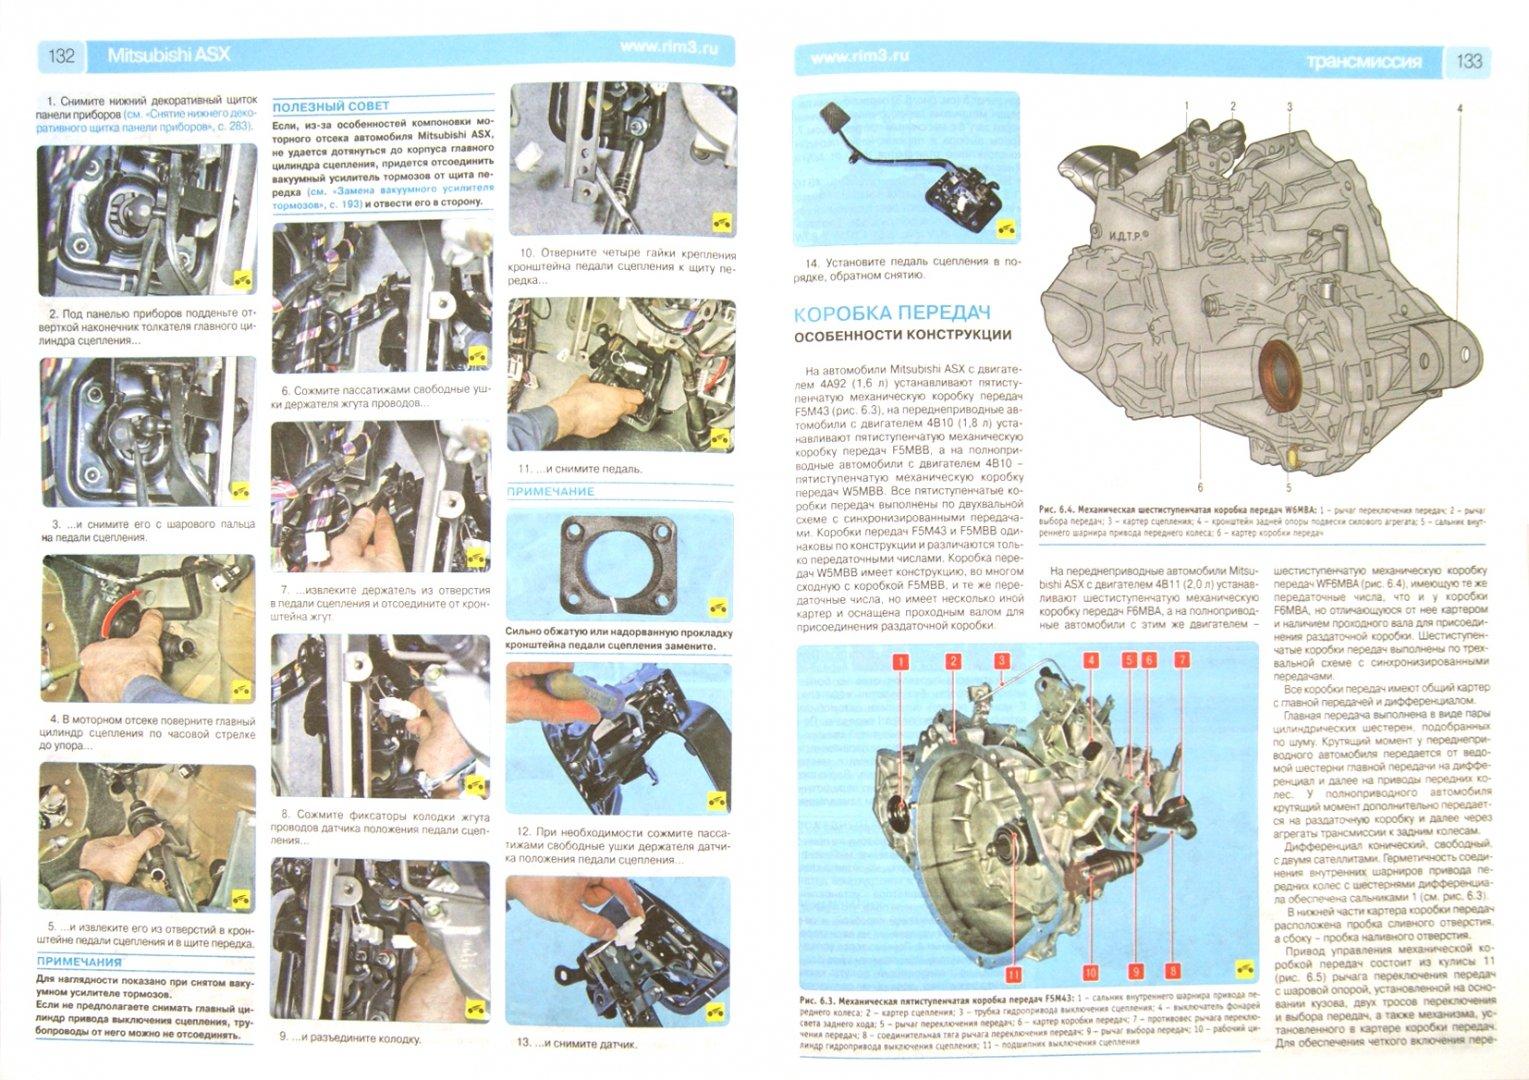 Иллюстрация 1 из 5 для Mitsubishi ASX. Руководство по эксплуатации, техническому обслуживанию и ремонту | Лабиринт - книги. Источник: Лабиринт